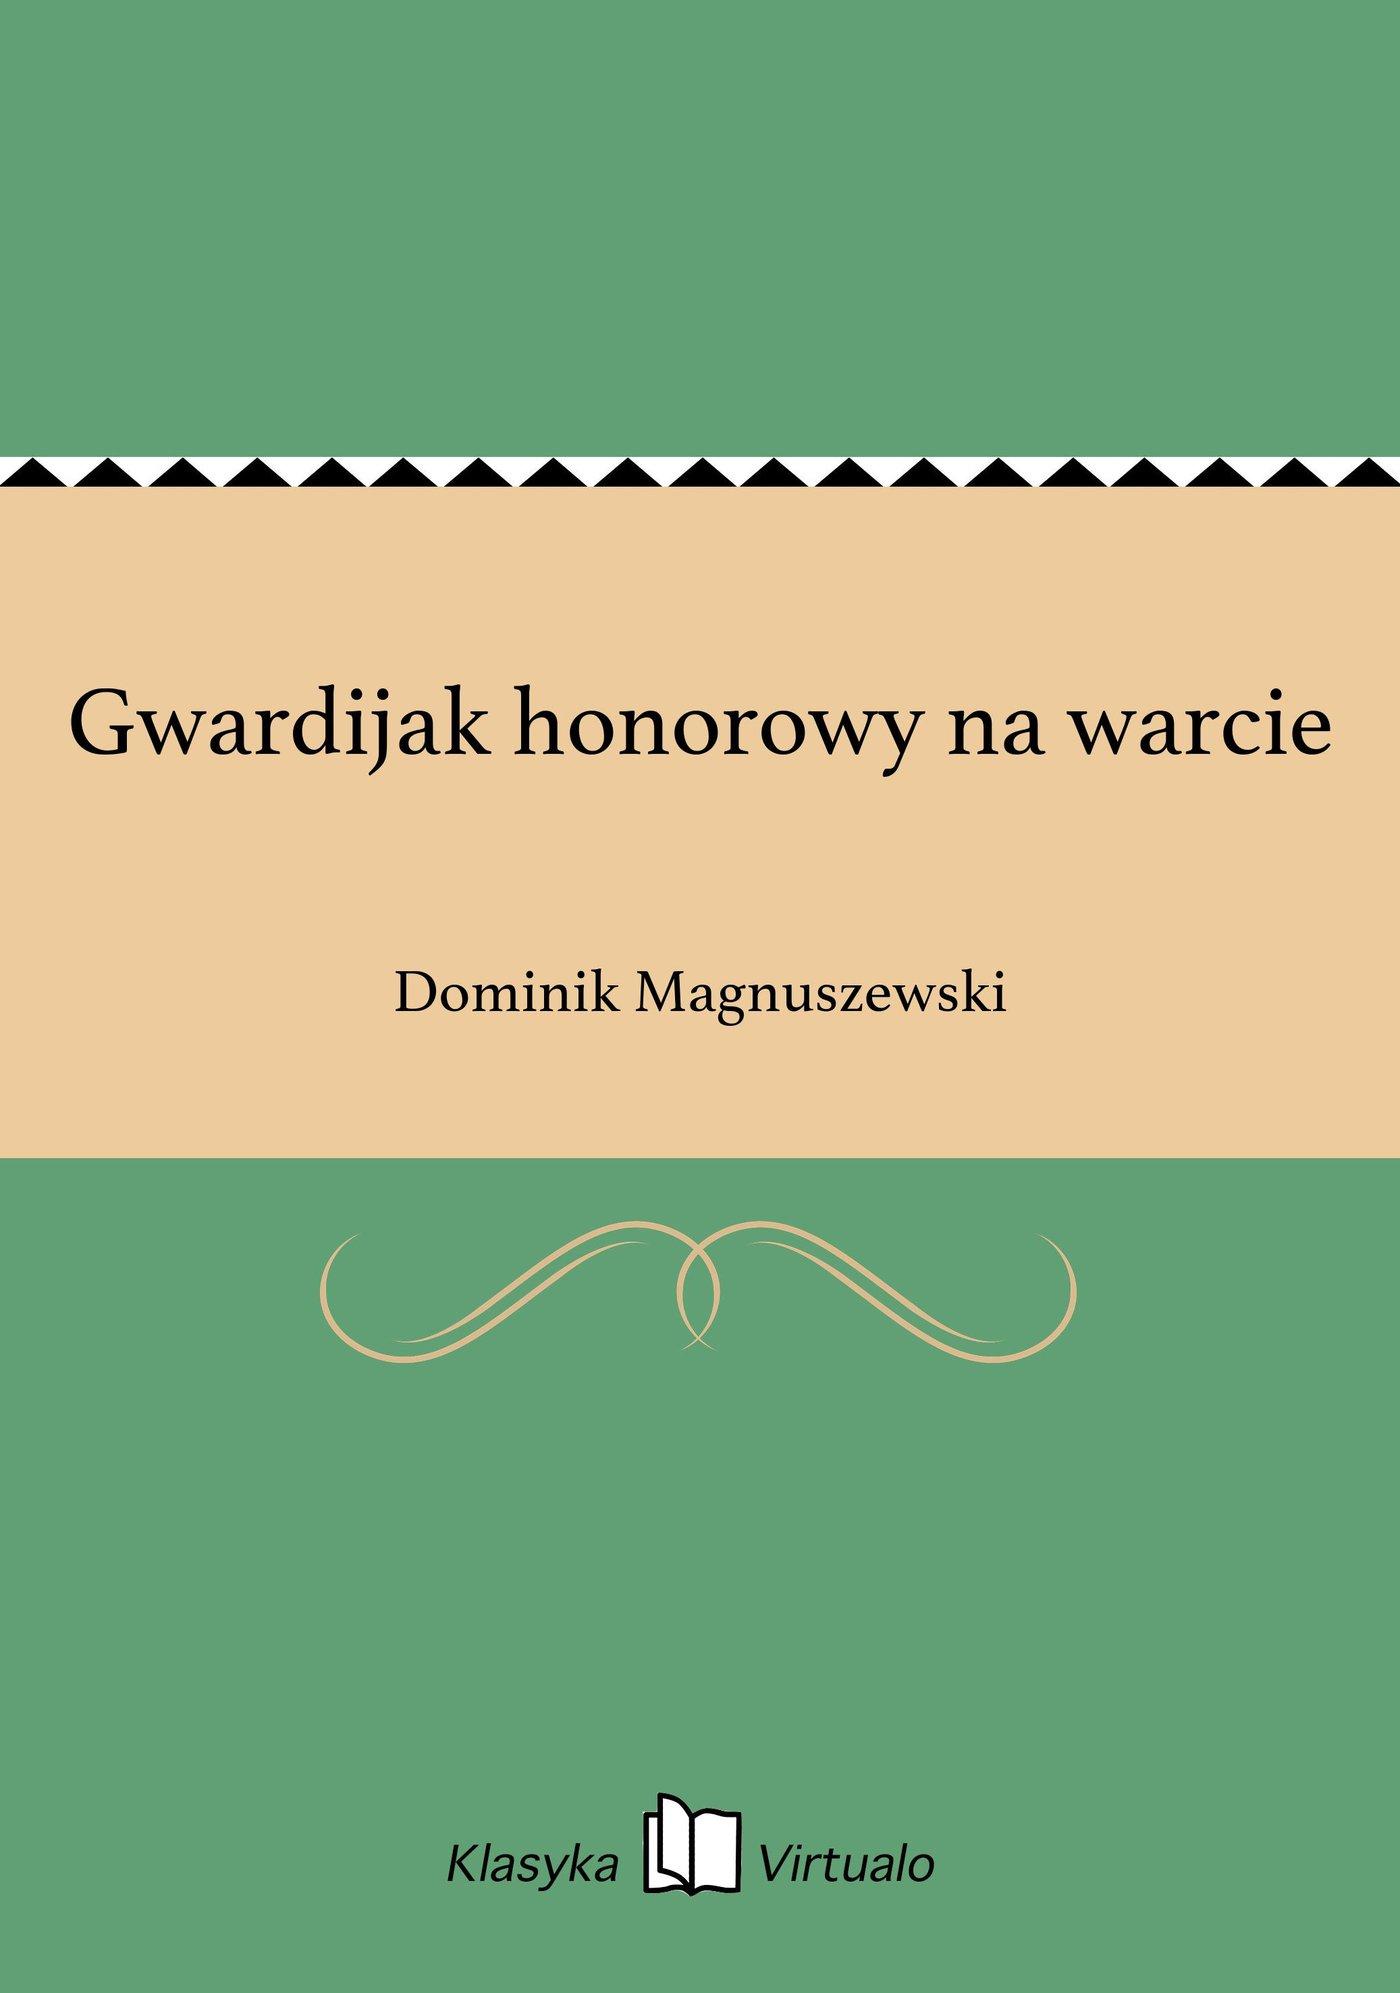 Gwardijak honorowy na warcie - Ebook (Książka EPUB) do pobrania w formacie EPUB